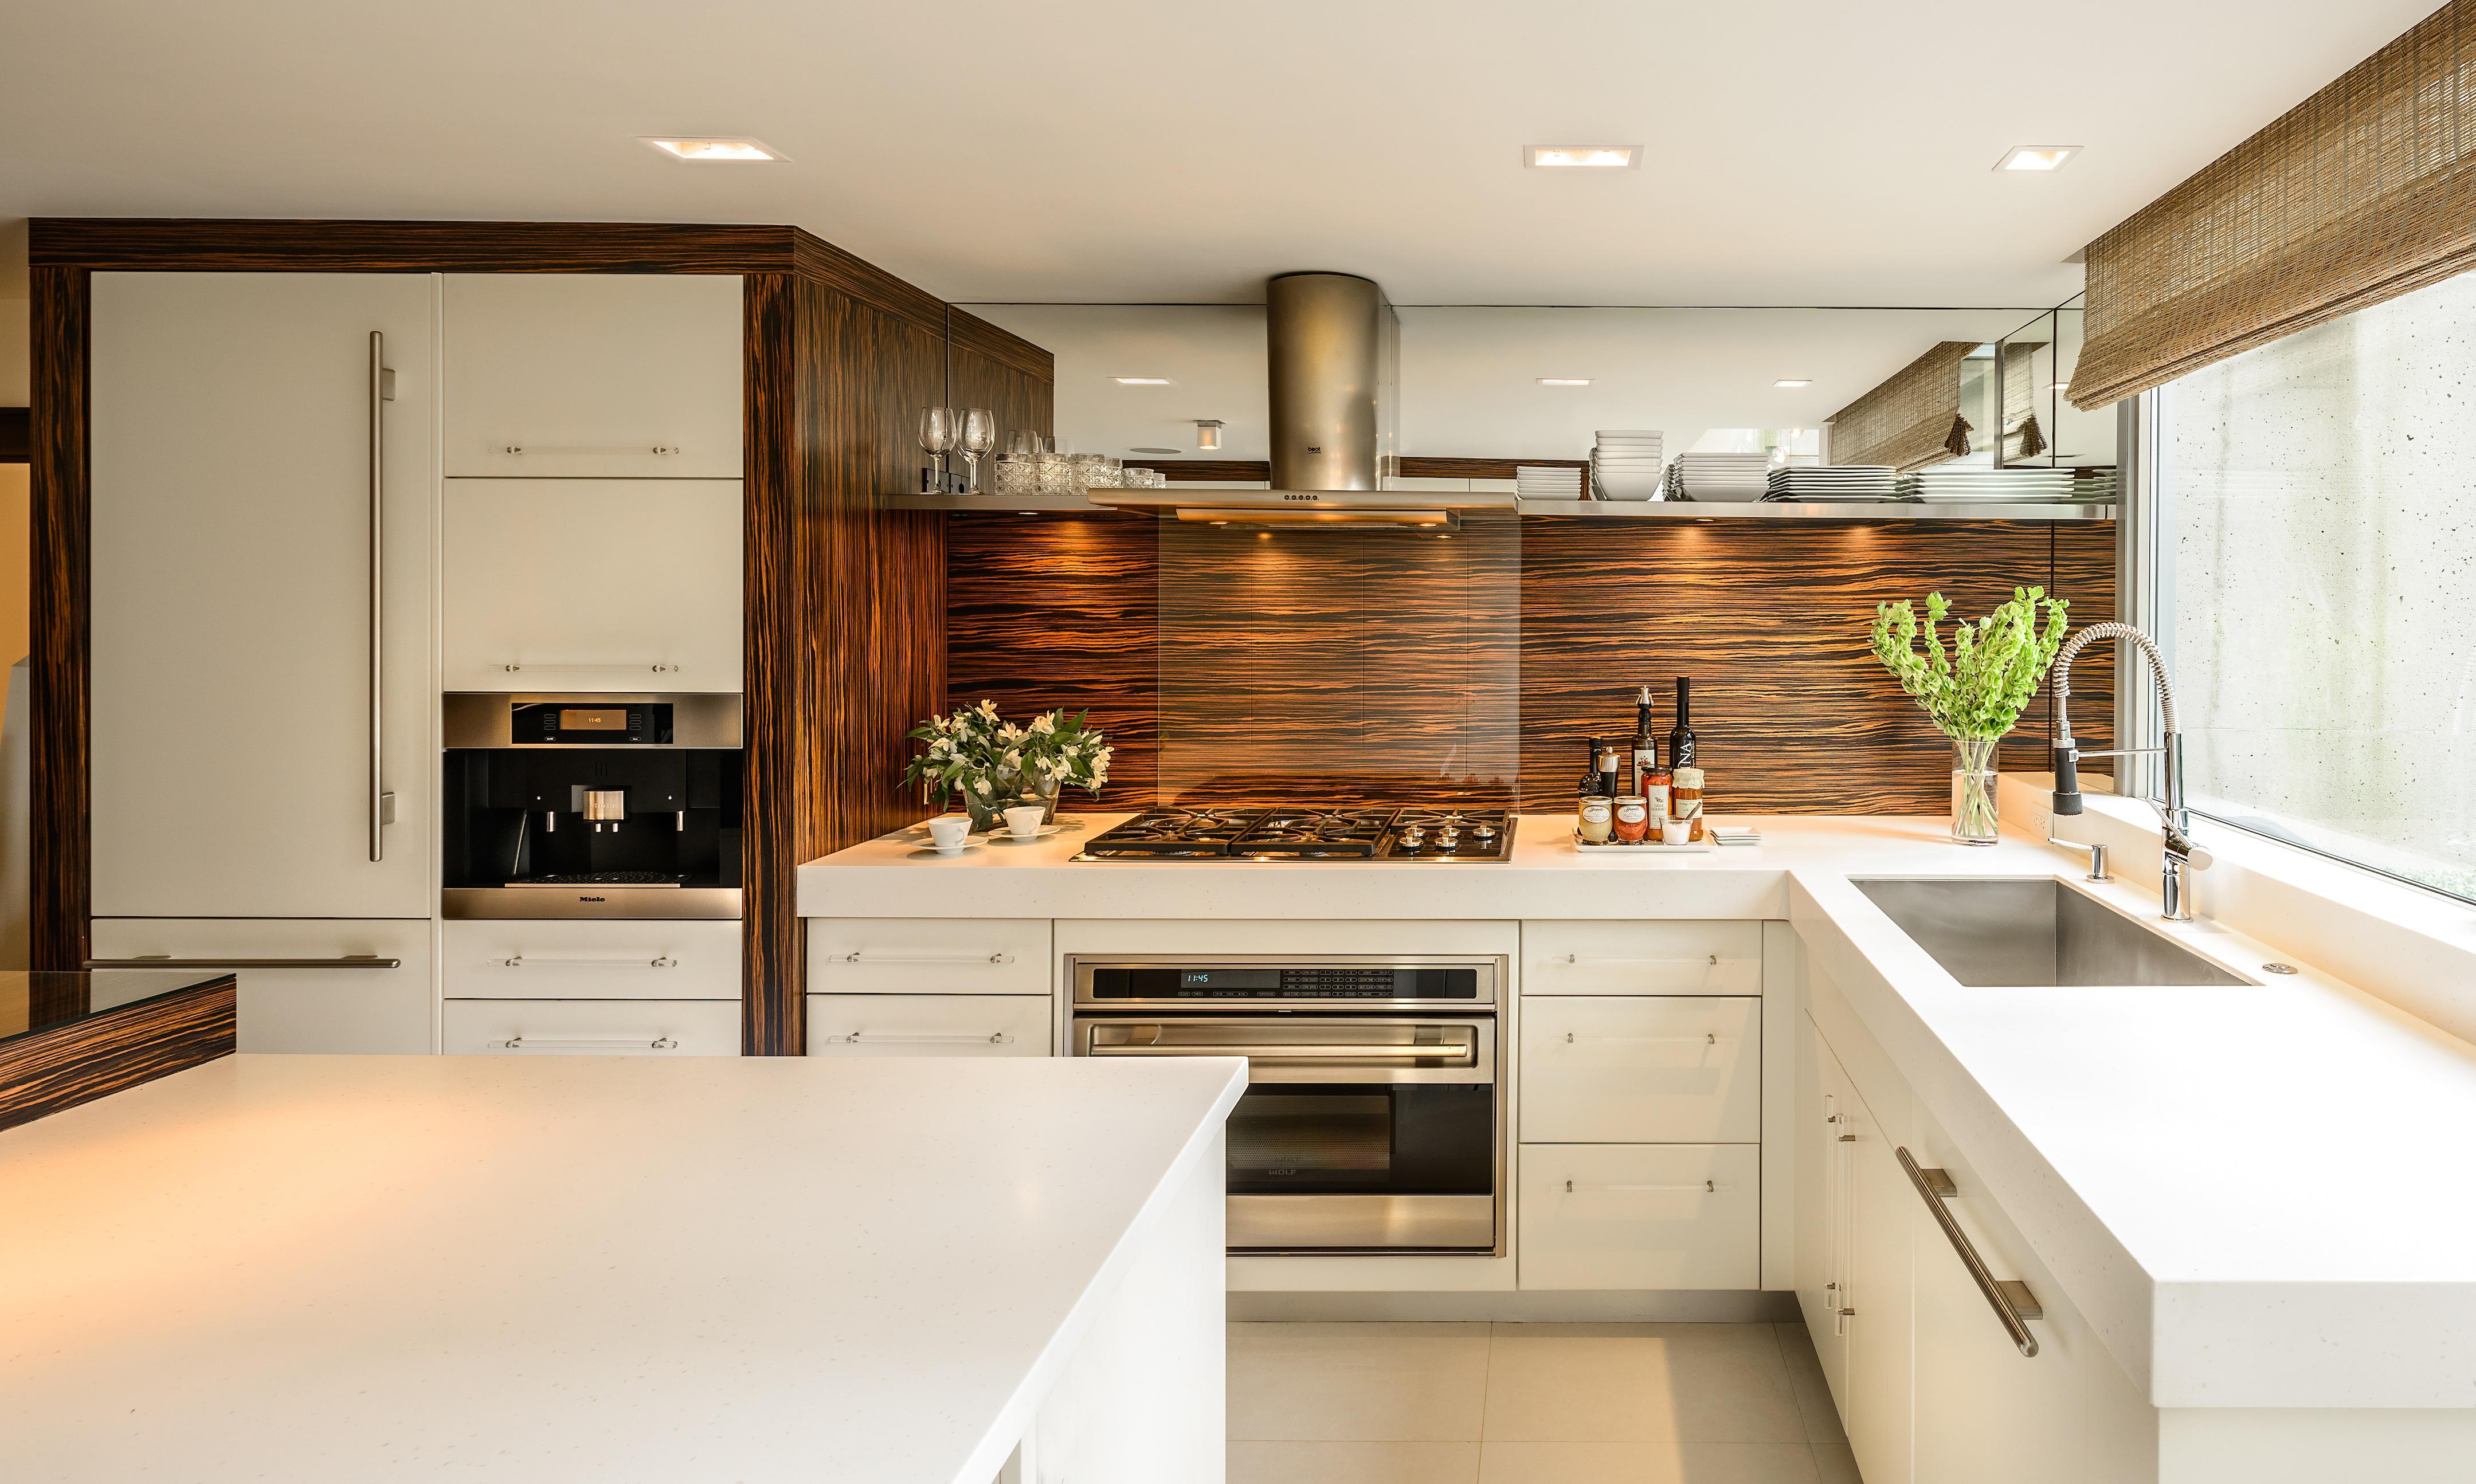 kitchen design ideas beautiful photo - 4